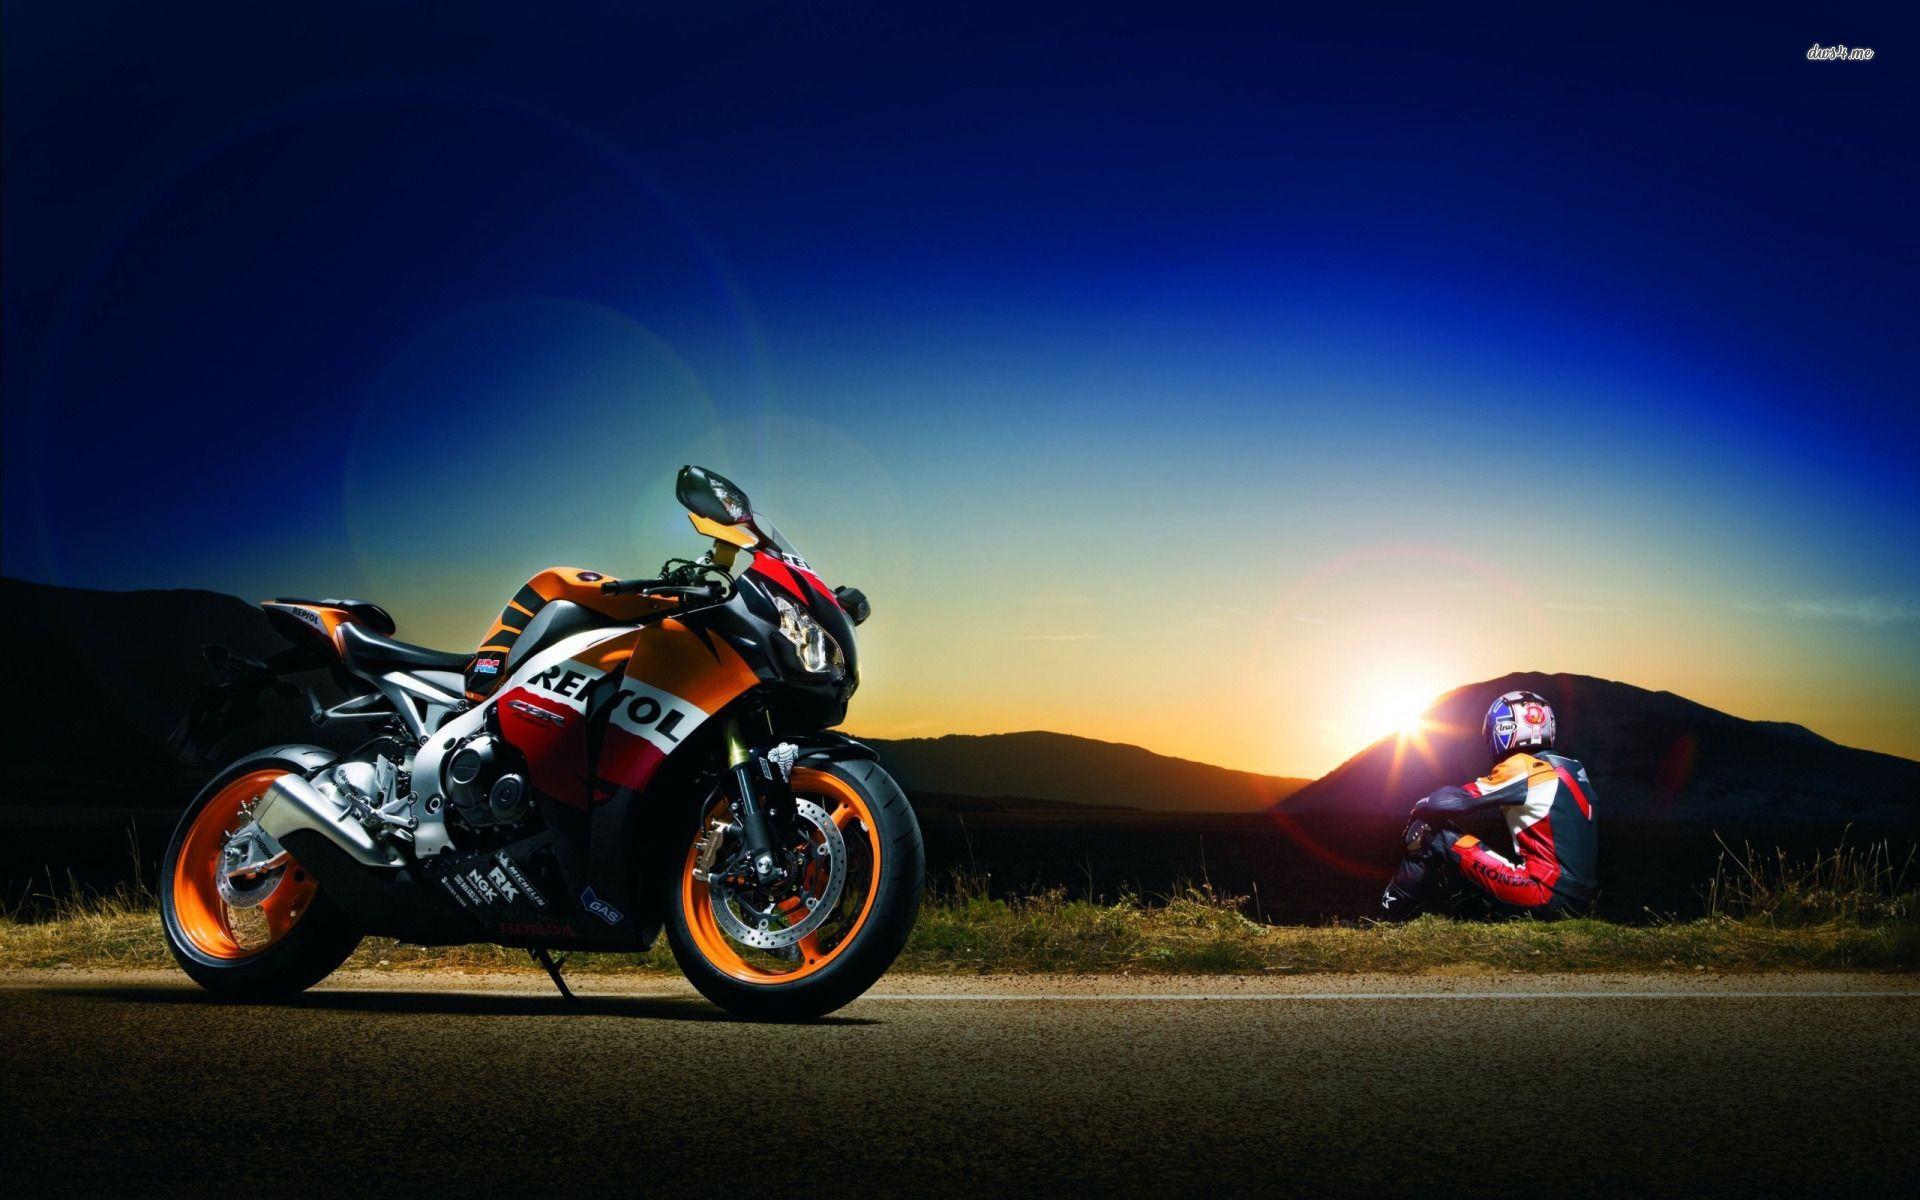 Honda cbr 2014 sports super sports bike photo - Honda Bike Wallpapers 7